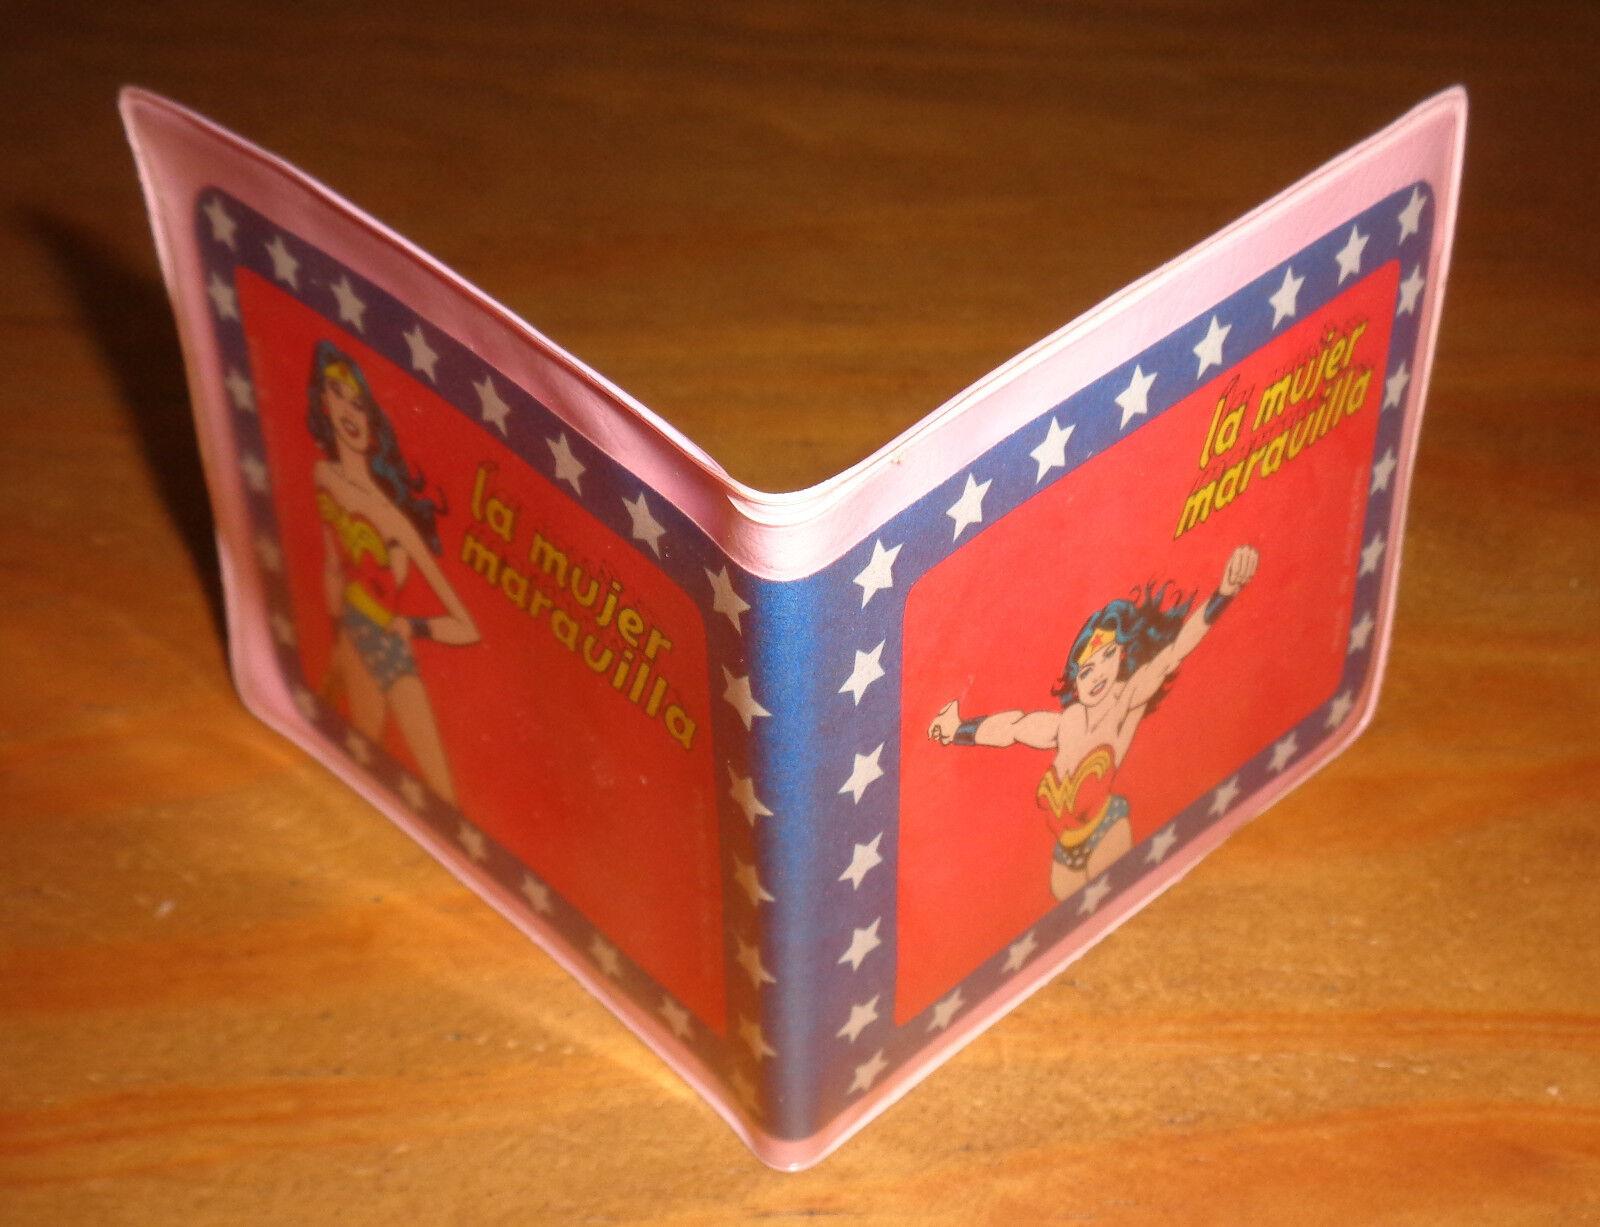 WONDER Damenschuhe ARGENTINA party party party favor VINTAGE plastic Wallet toy DC Comics variant 8419a3